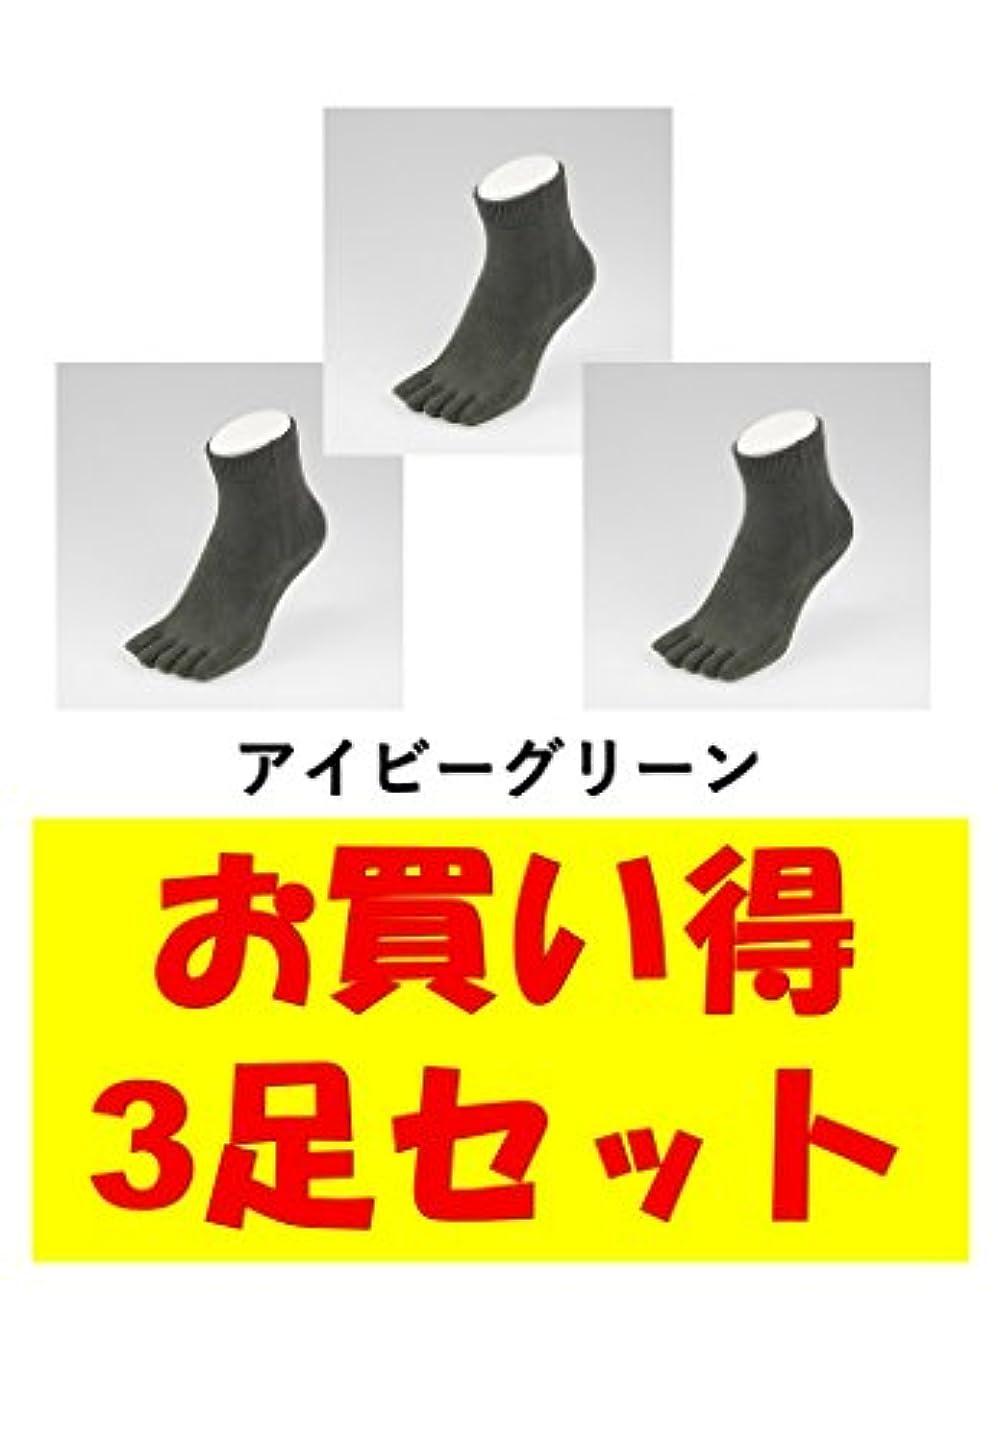 電気洗練された白内障お買い得3足セット 5本指 ゆびのばソックス Neo EVE(イヴ) アイビーグリーン iサイズ(23.5cm - 25.5cm) YSNEVE-IGR